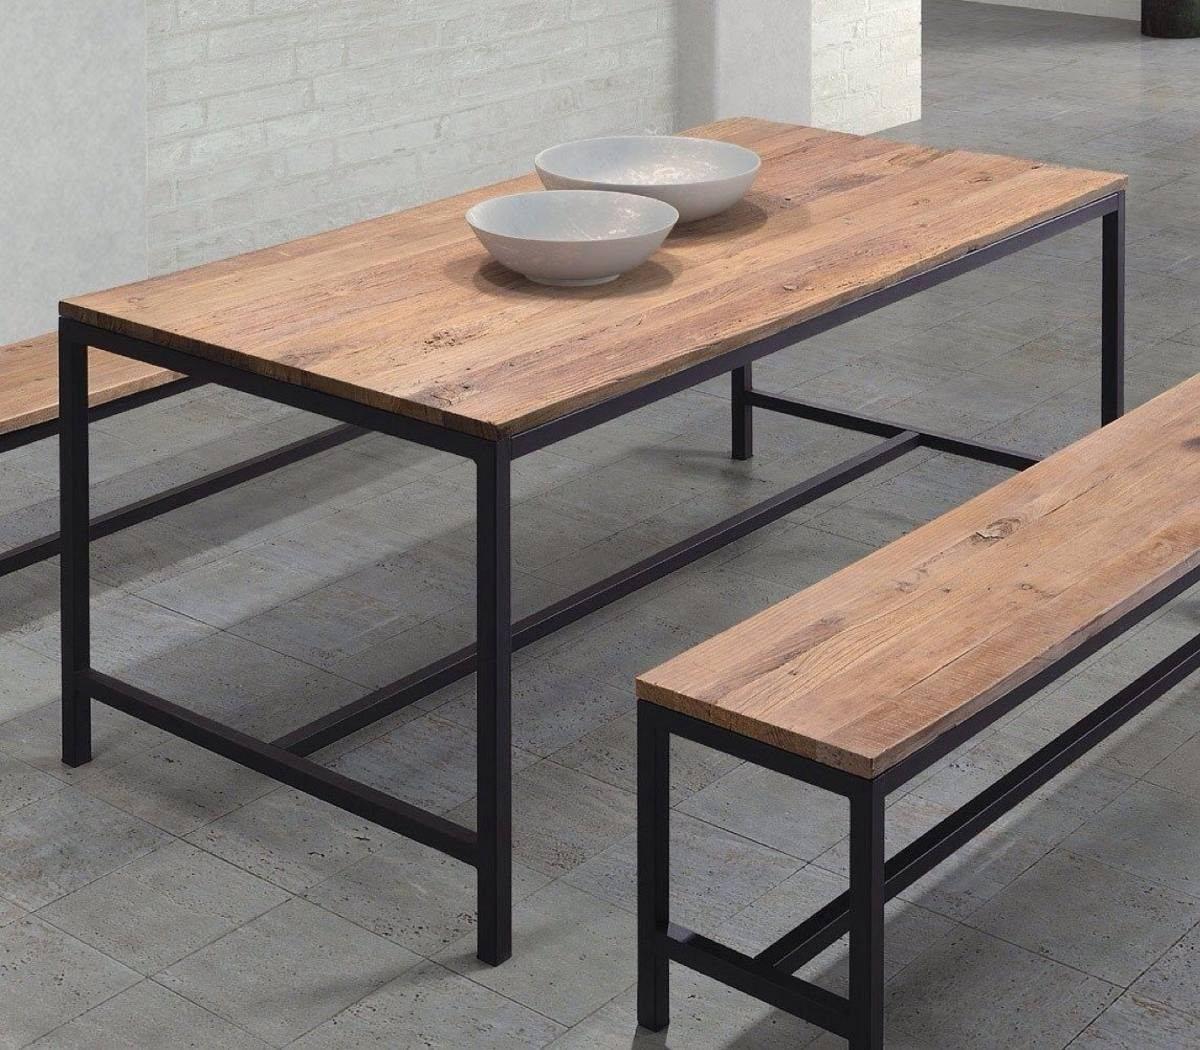 Banco mesa de trabajo taller en cano madera herreria fuert for Como hacer una mesa estilo industrial